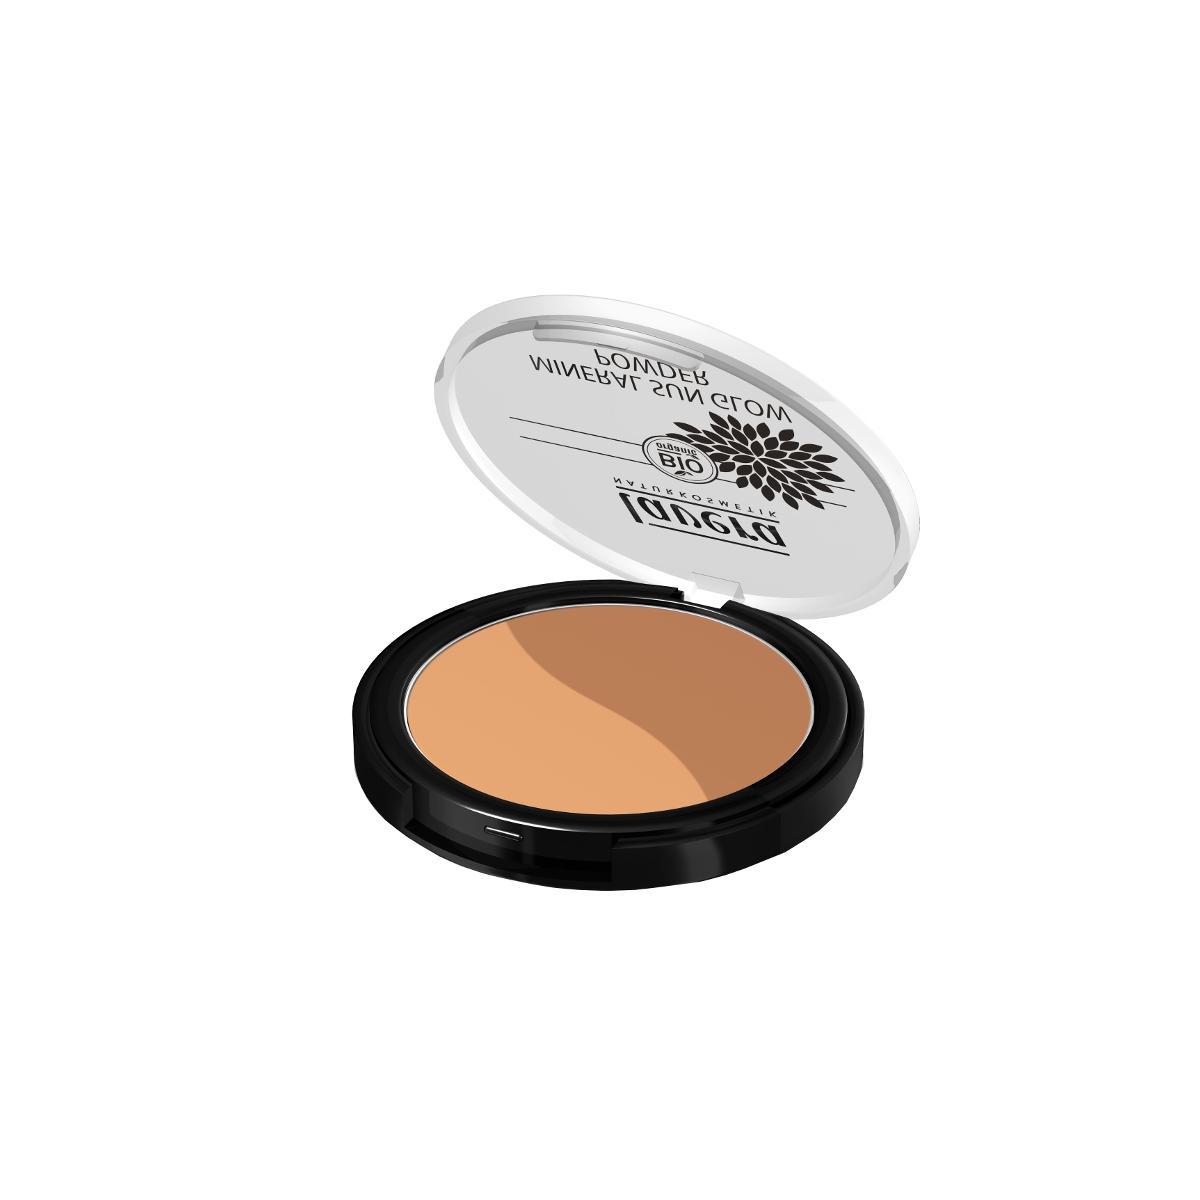 Lavera Pudr třpytivý bronzující DUO 01 sahara, Trend Sensitive 2014 9 g